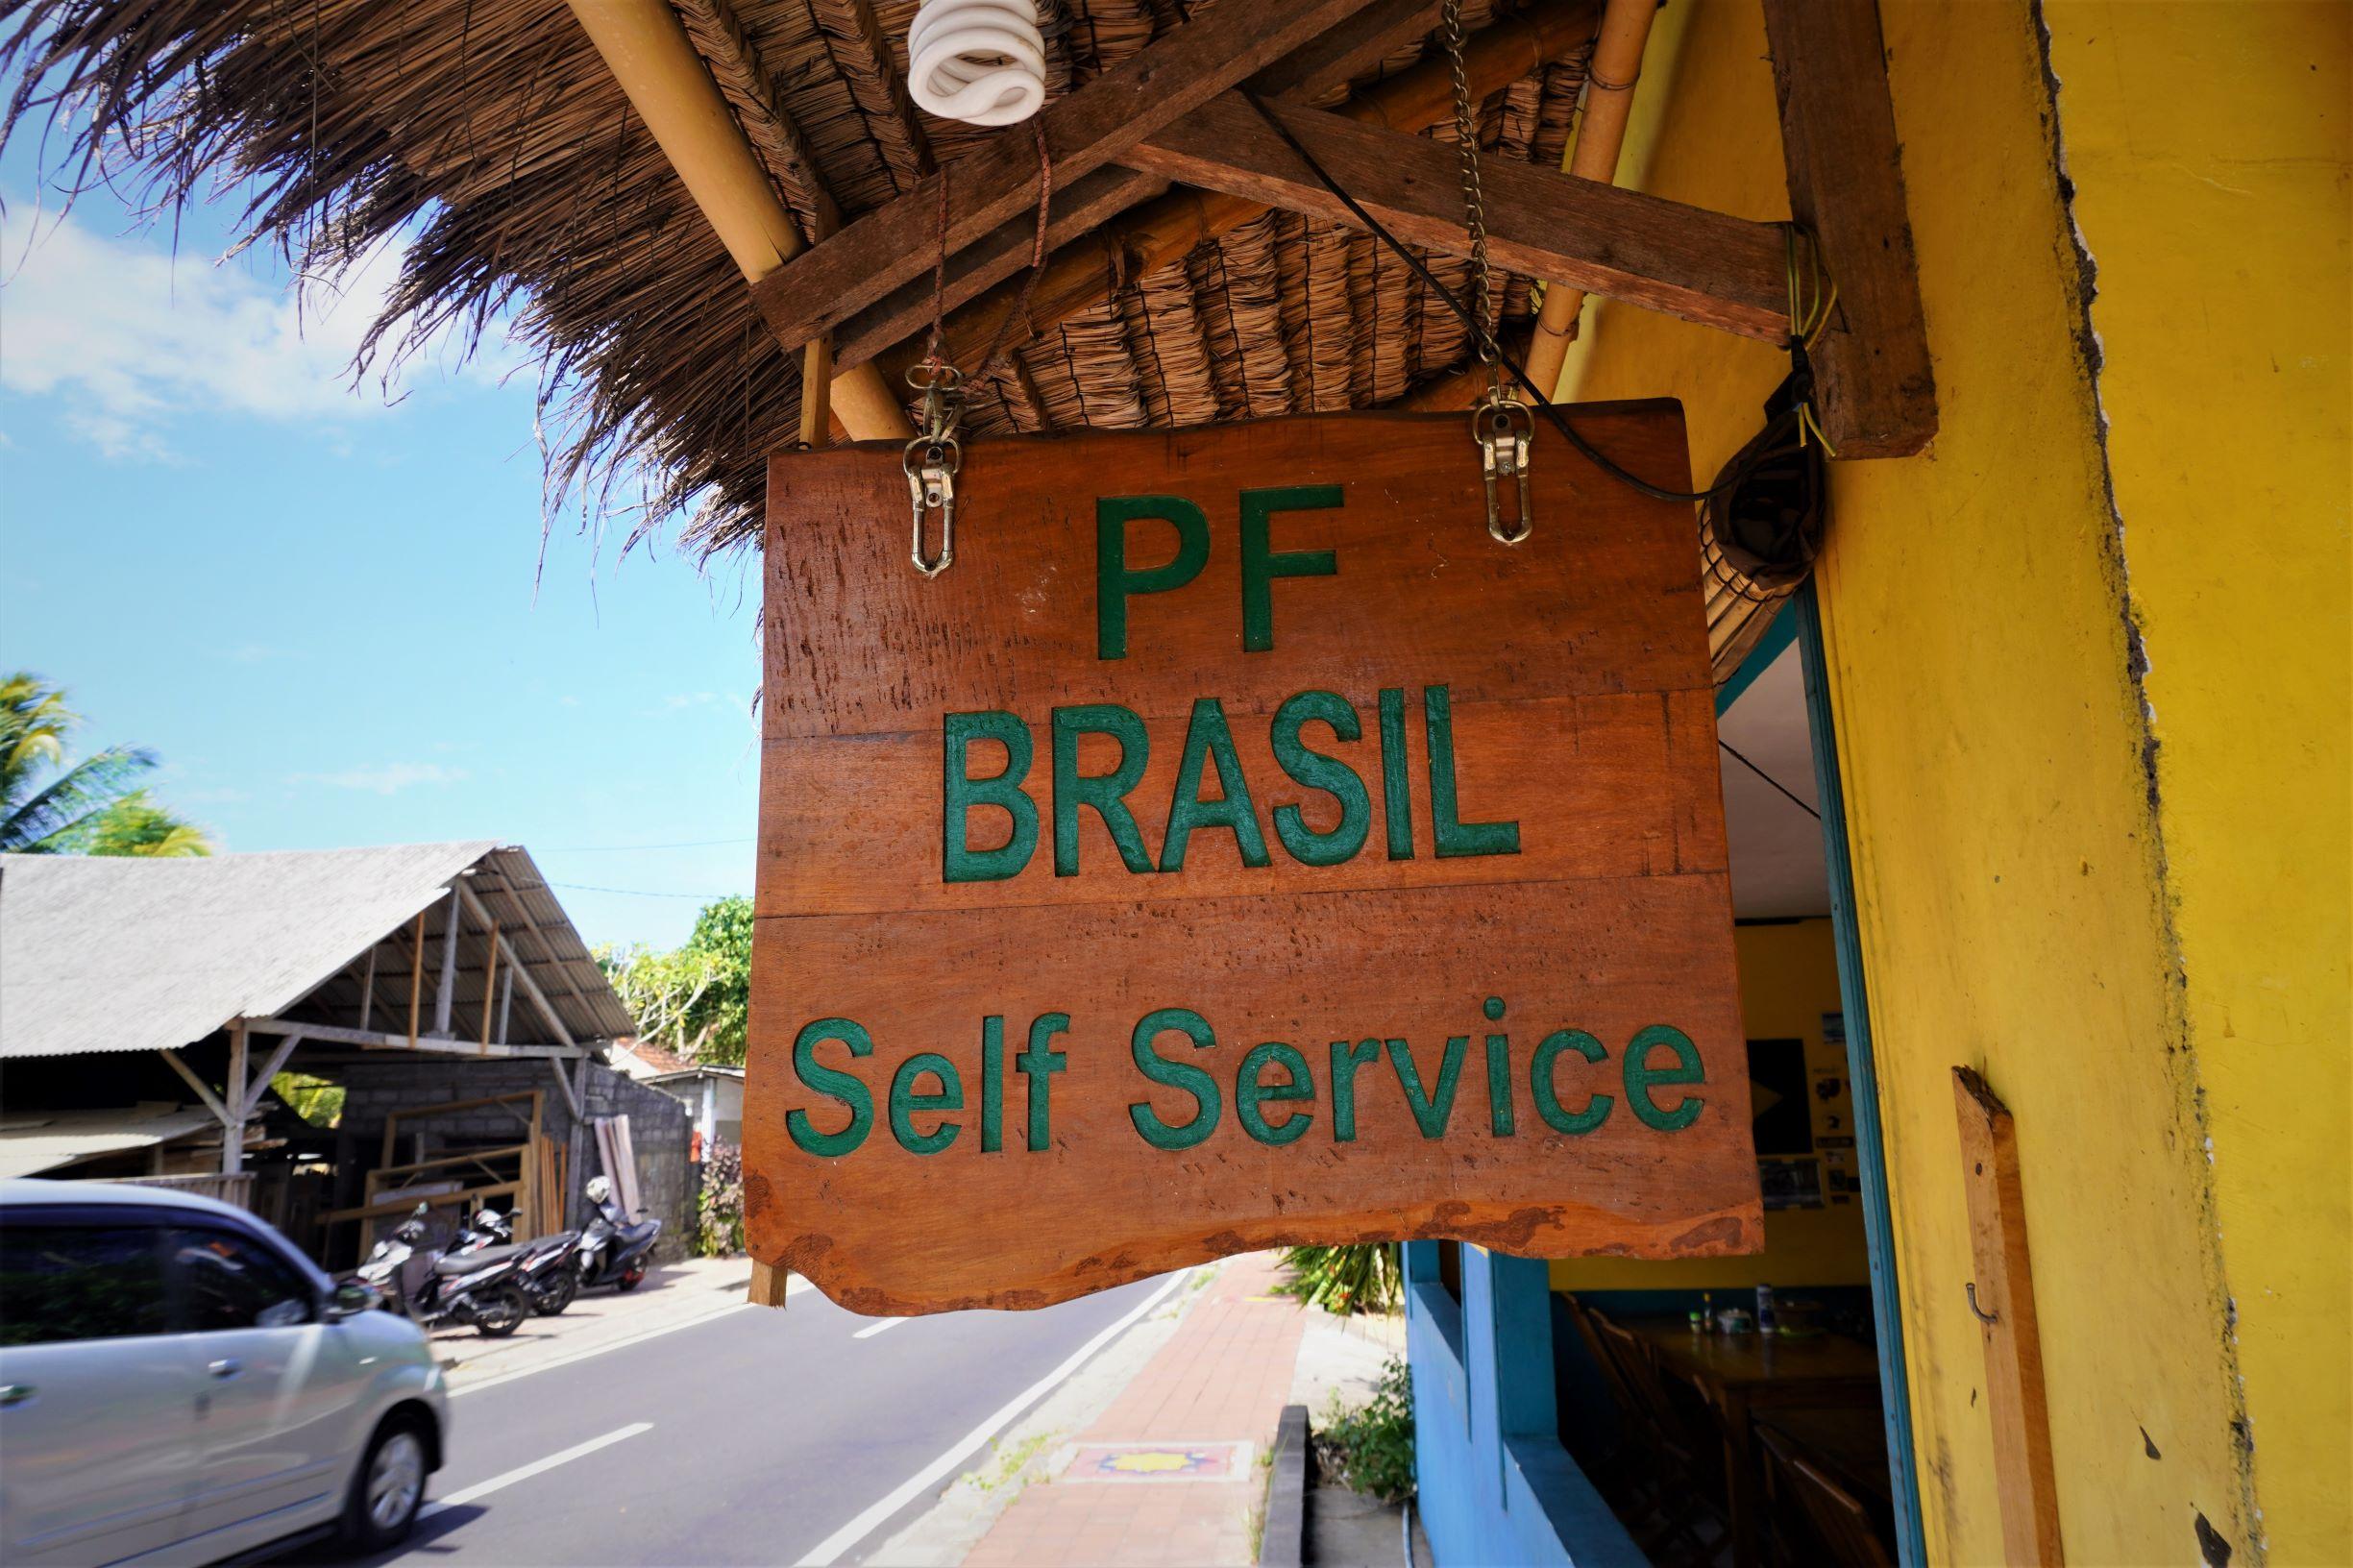 ★【バリ島うまい店】Há quanto tempo‼PF BRASIL~健康志向に向かってるブラジル食堂に久々行ったのさ。【キャッサバ活動開始】